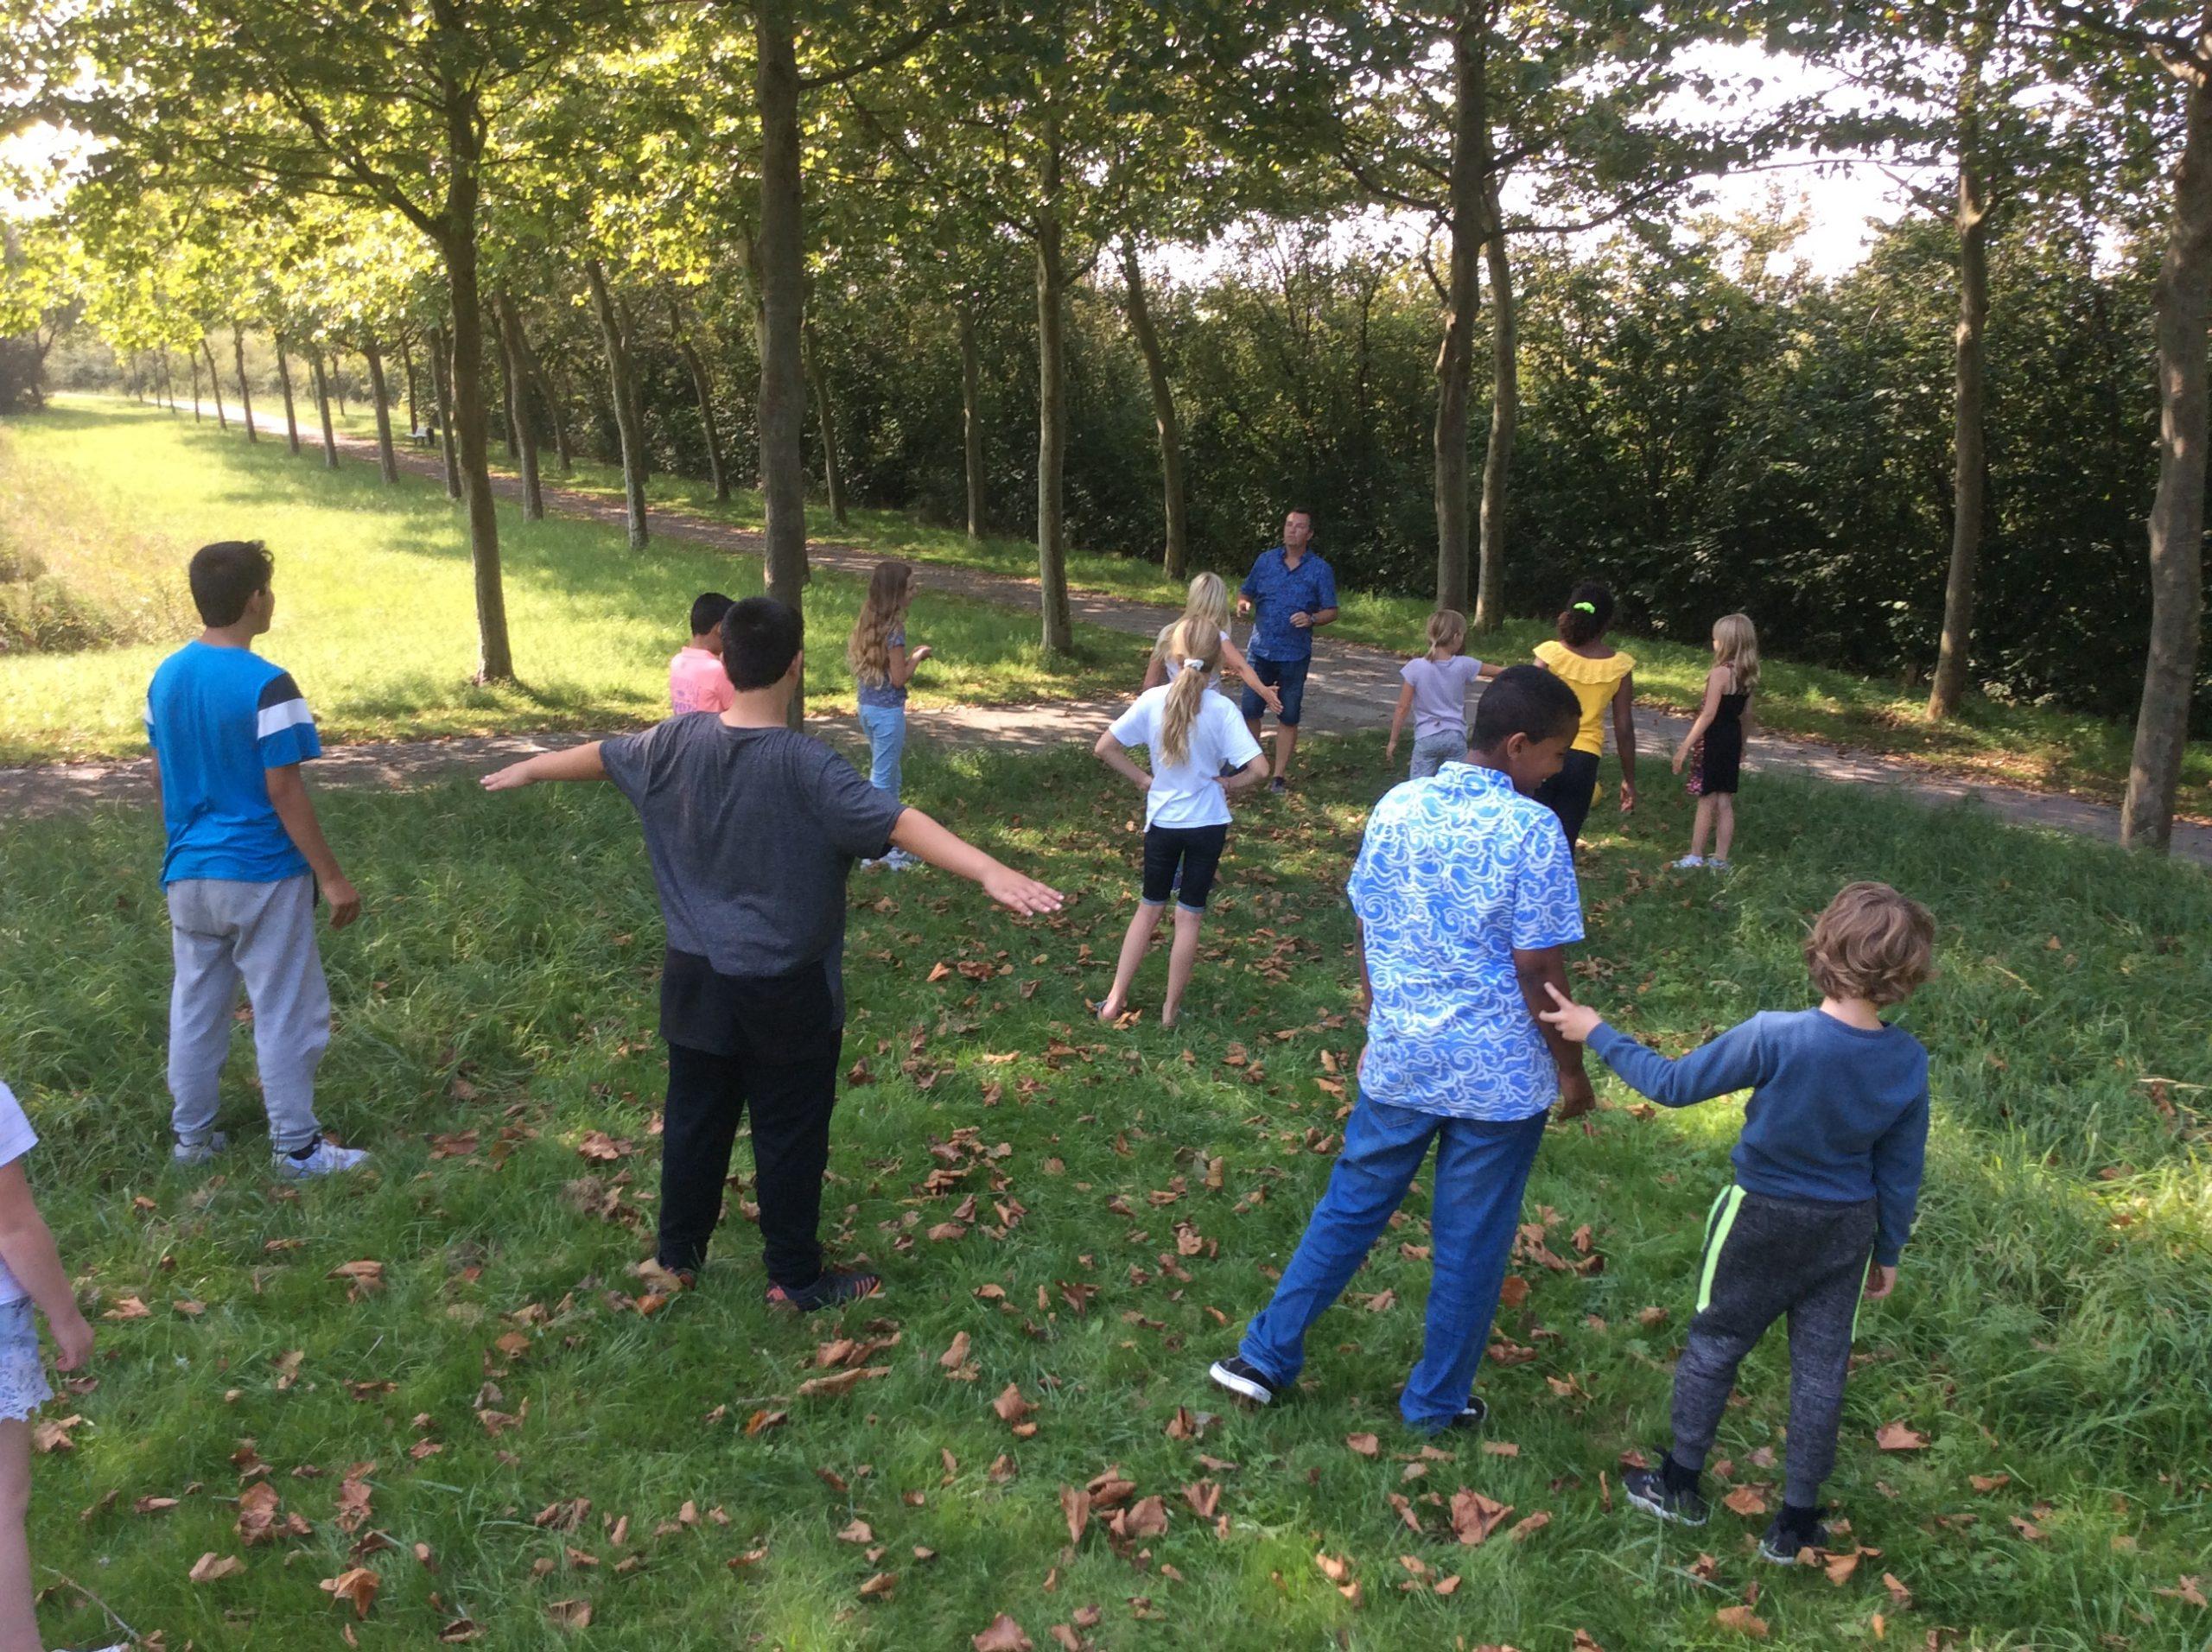 Veel aandacht voor buiten bewegen en leren bij Omnis Kindcentrum Franck van Borssele